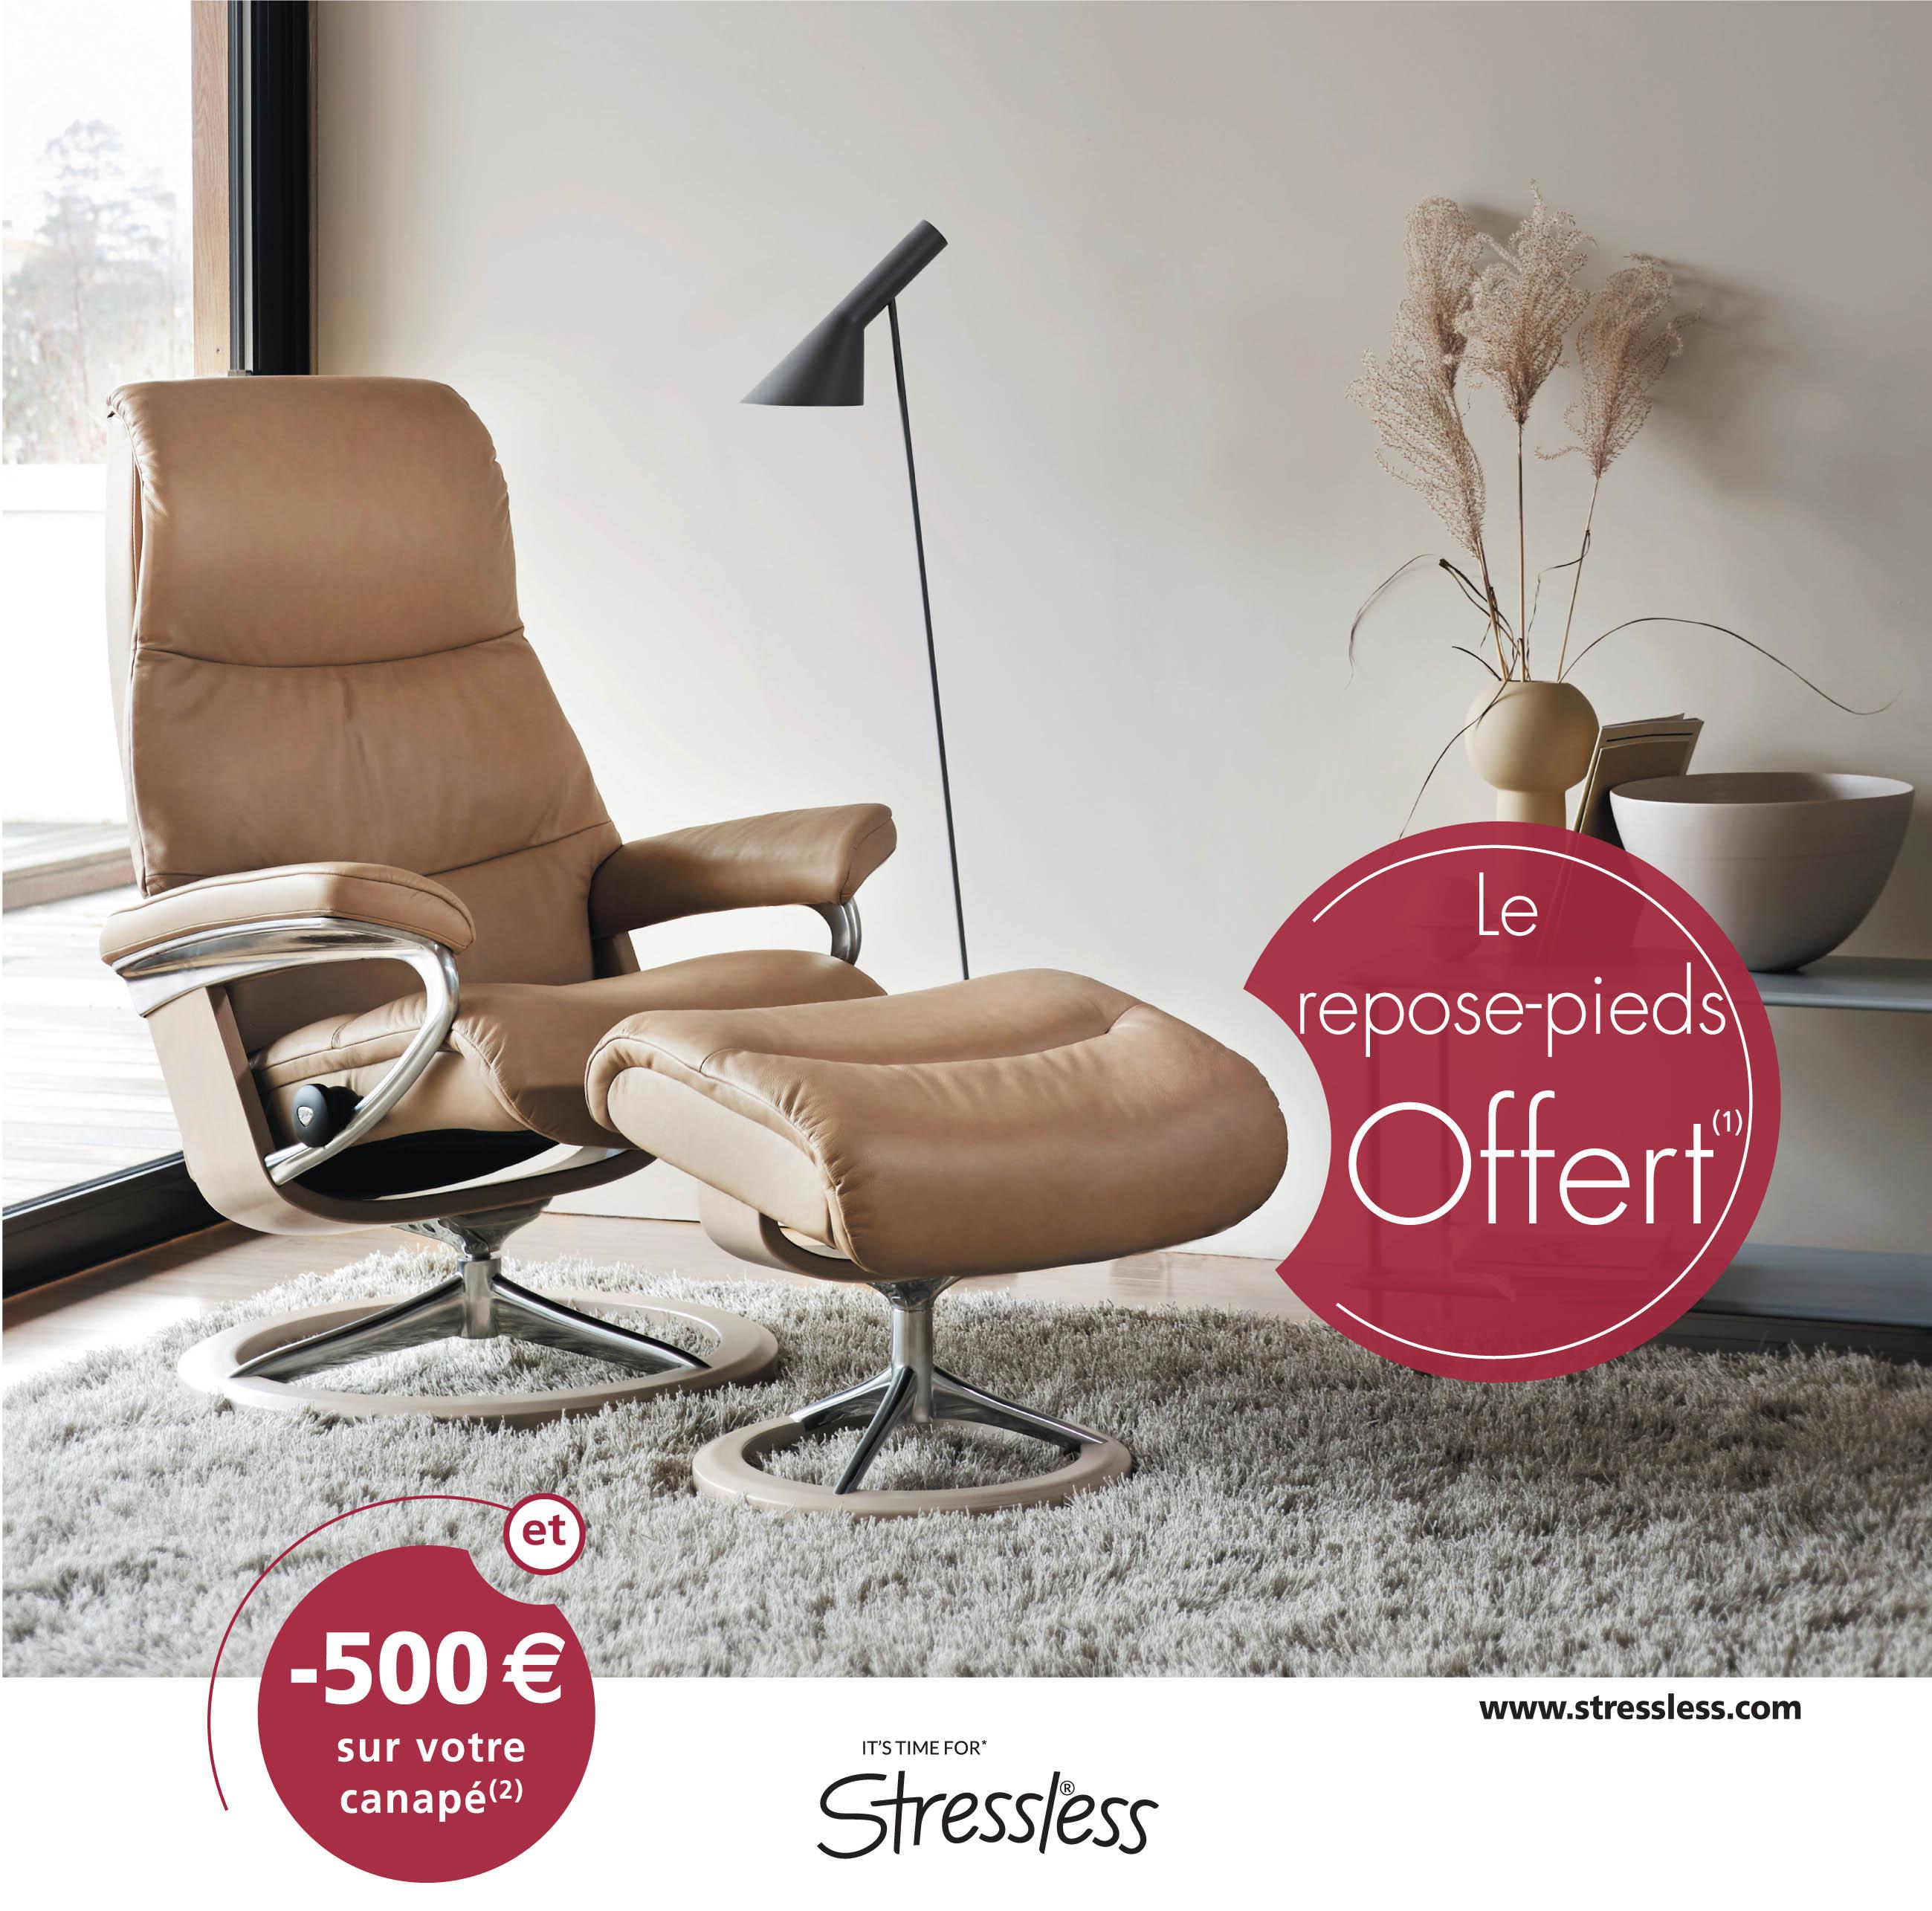 Avec Stressless, il est temps d'en profiter Le repose-pied offert (1) et -500 € sur votre canapé (2)